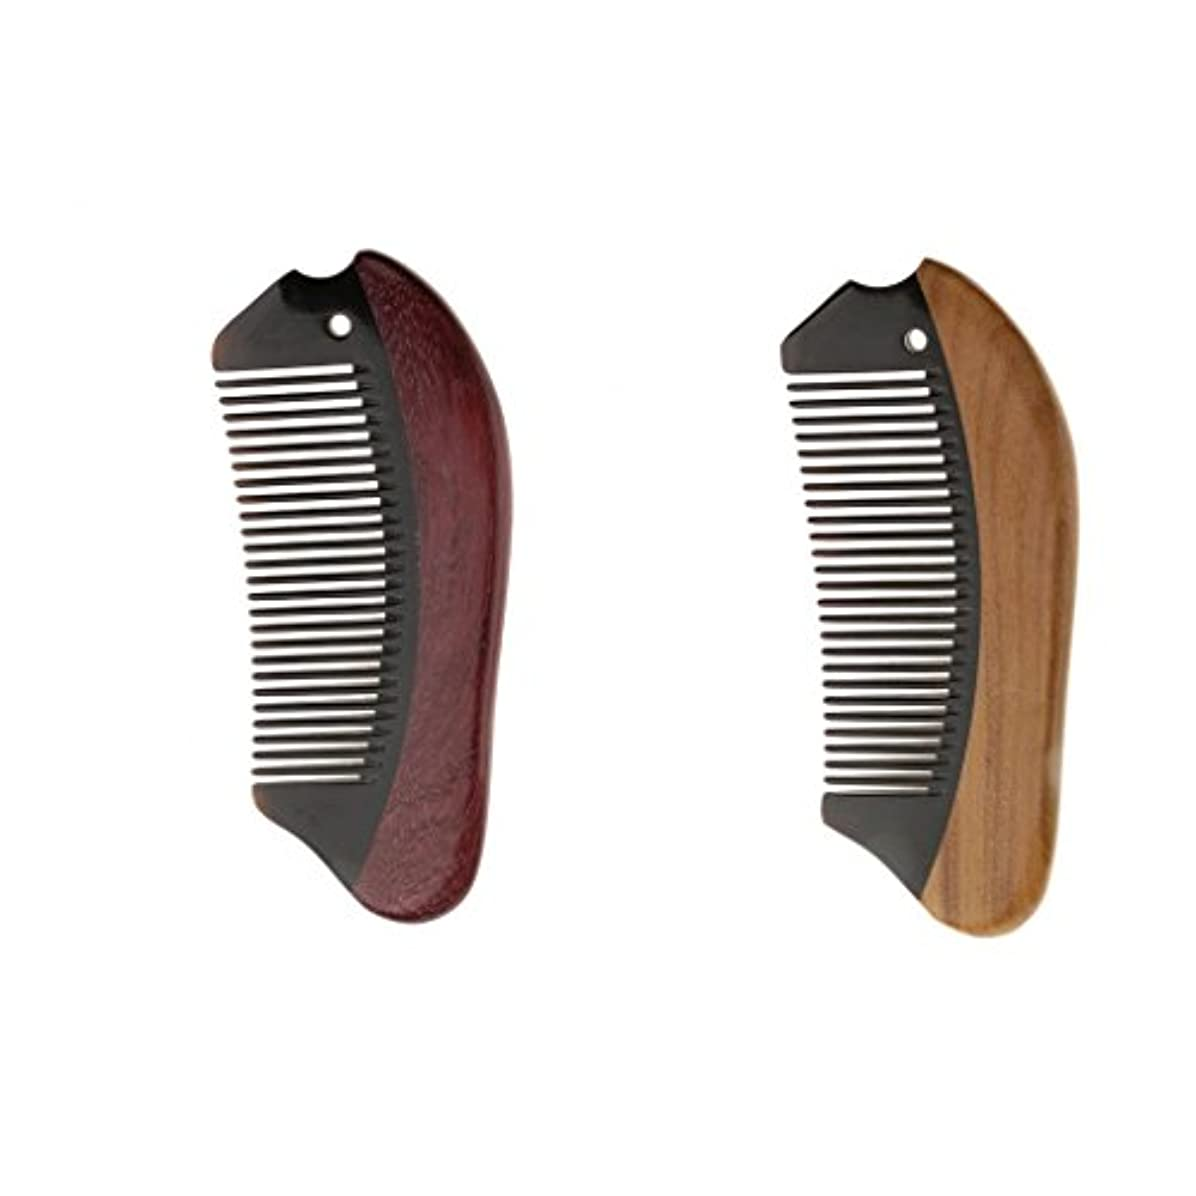 現代の見える放射性Homyl 2個 木製 櫛 コーム 静電気防止 マッサージ 高品質 プレゼント 滑らか 快適